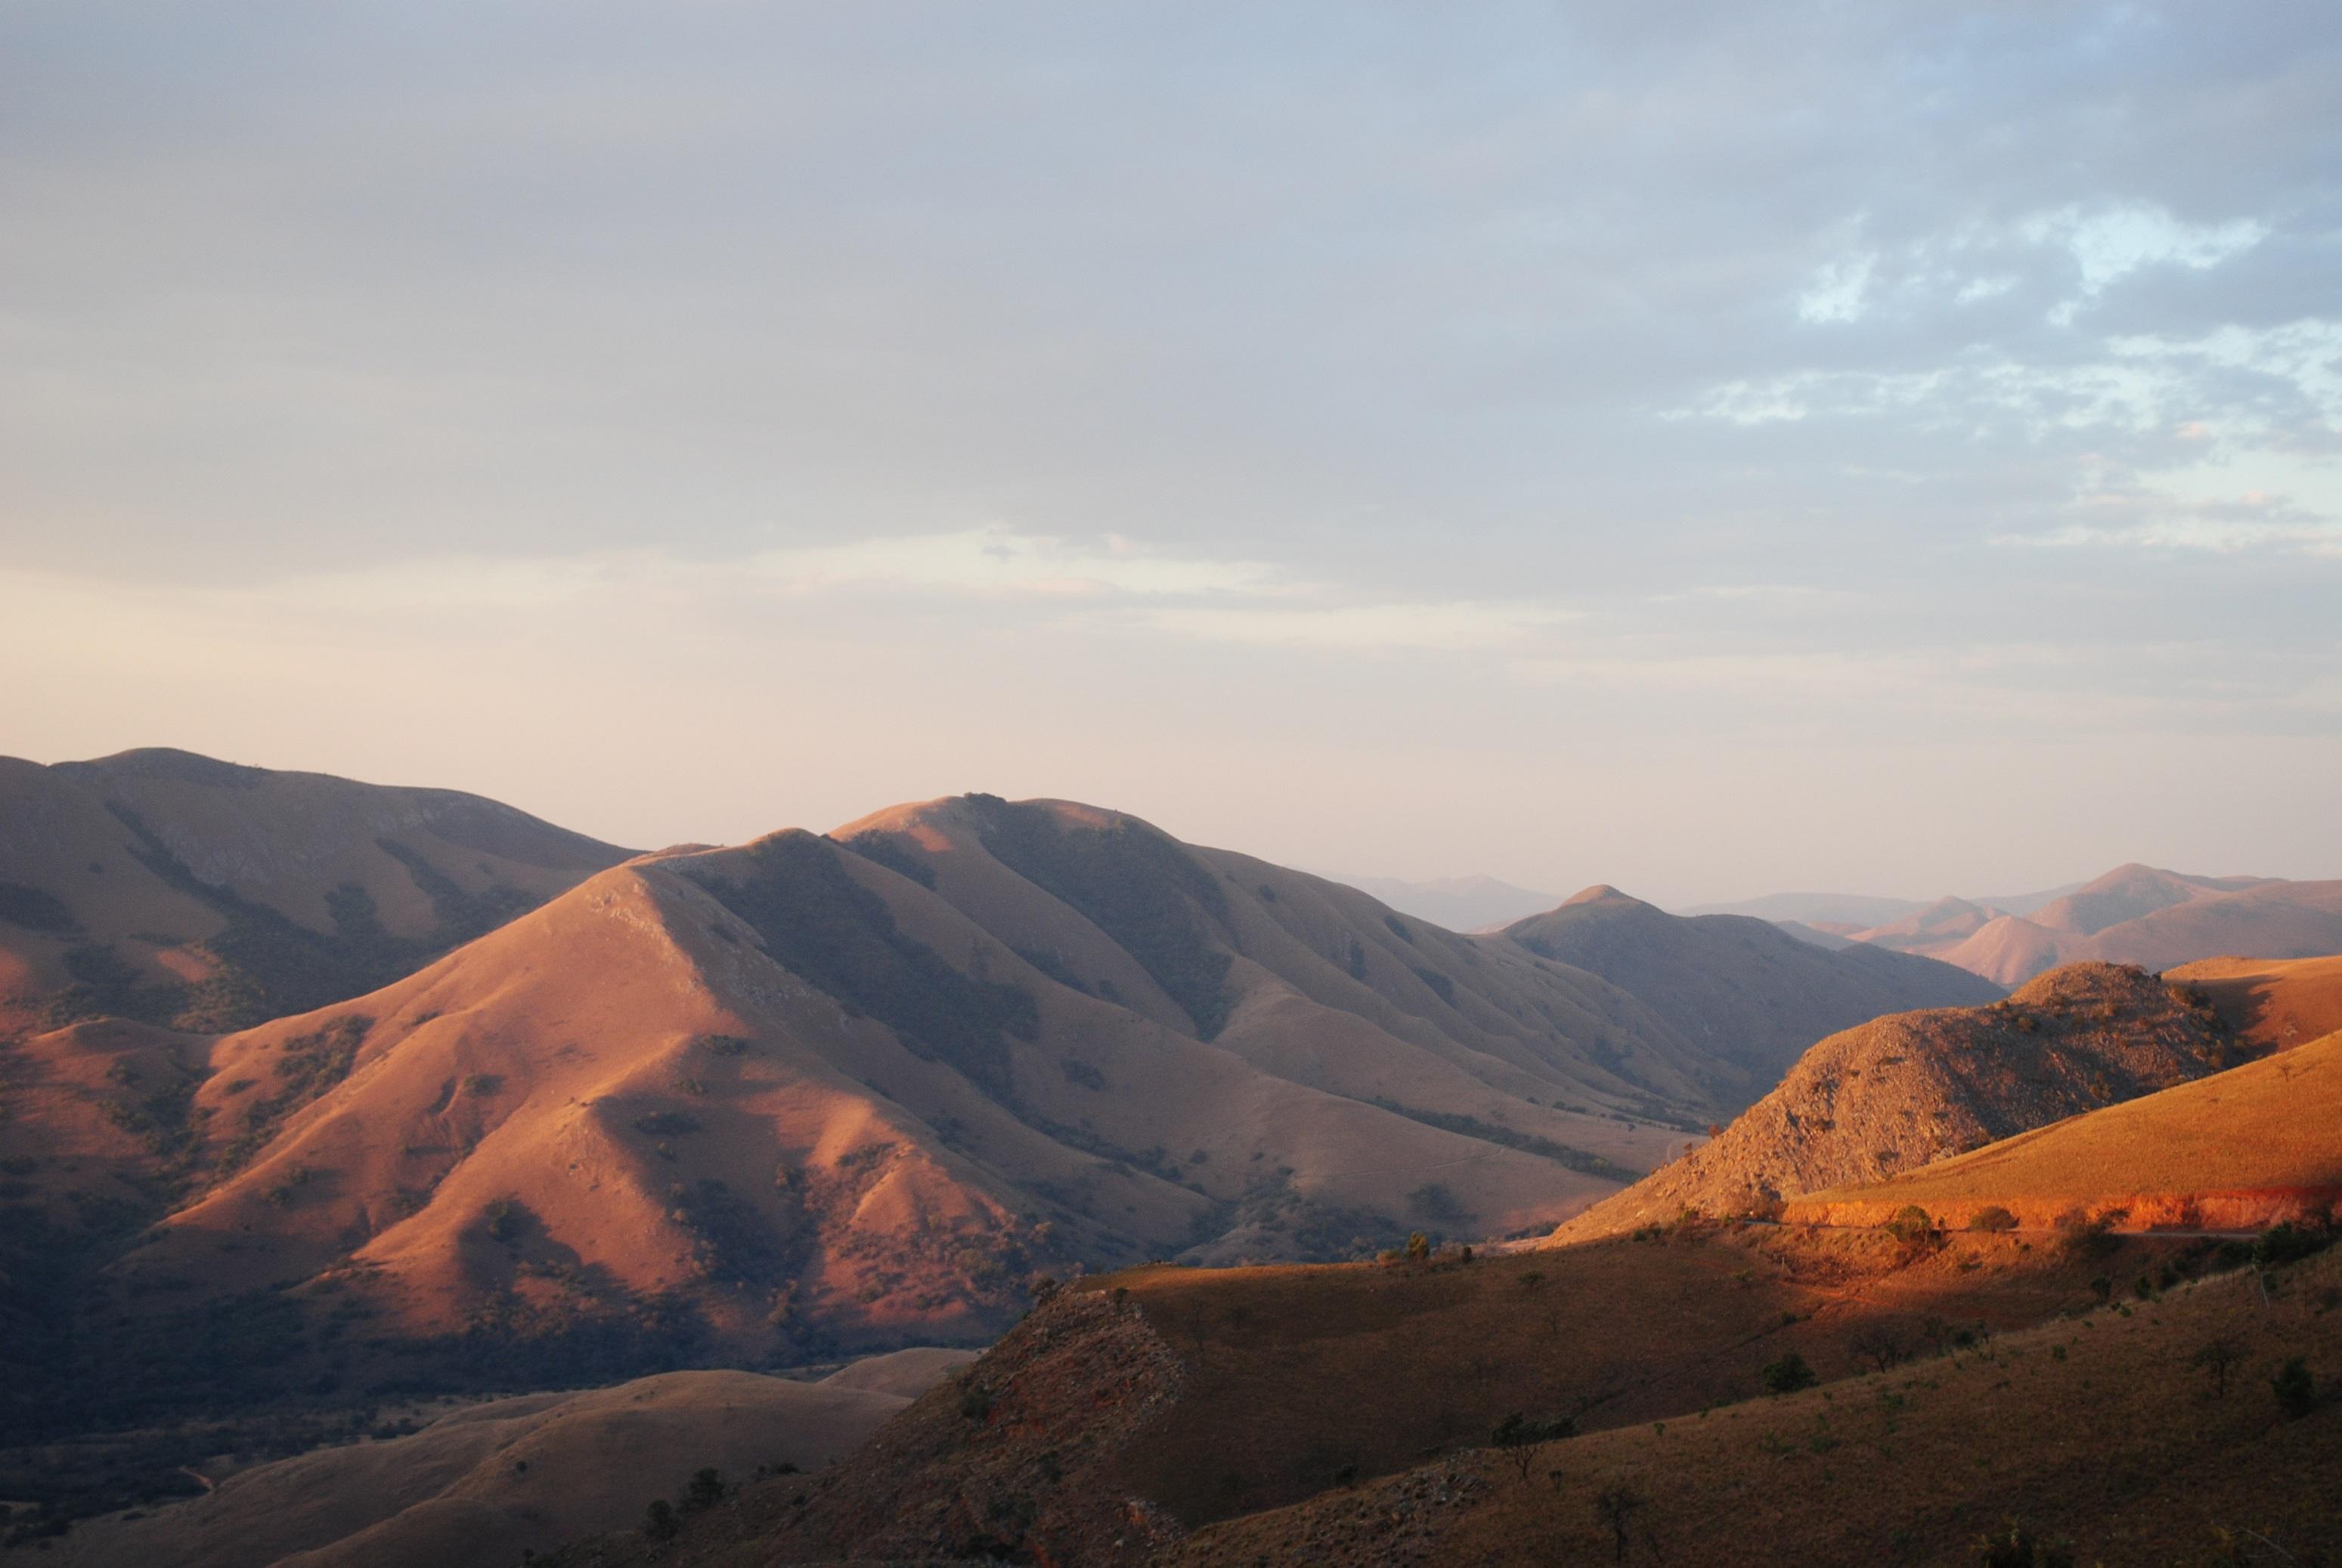 Montañas de Barberton. Foto: Sami Nabhan/FSU Jena